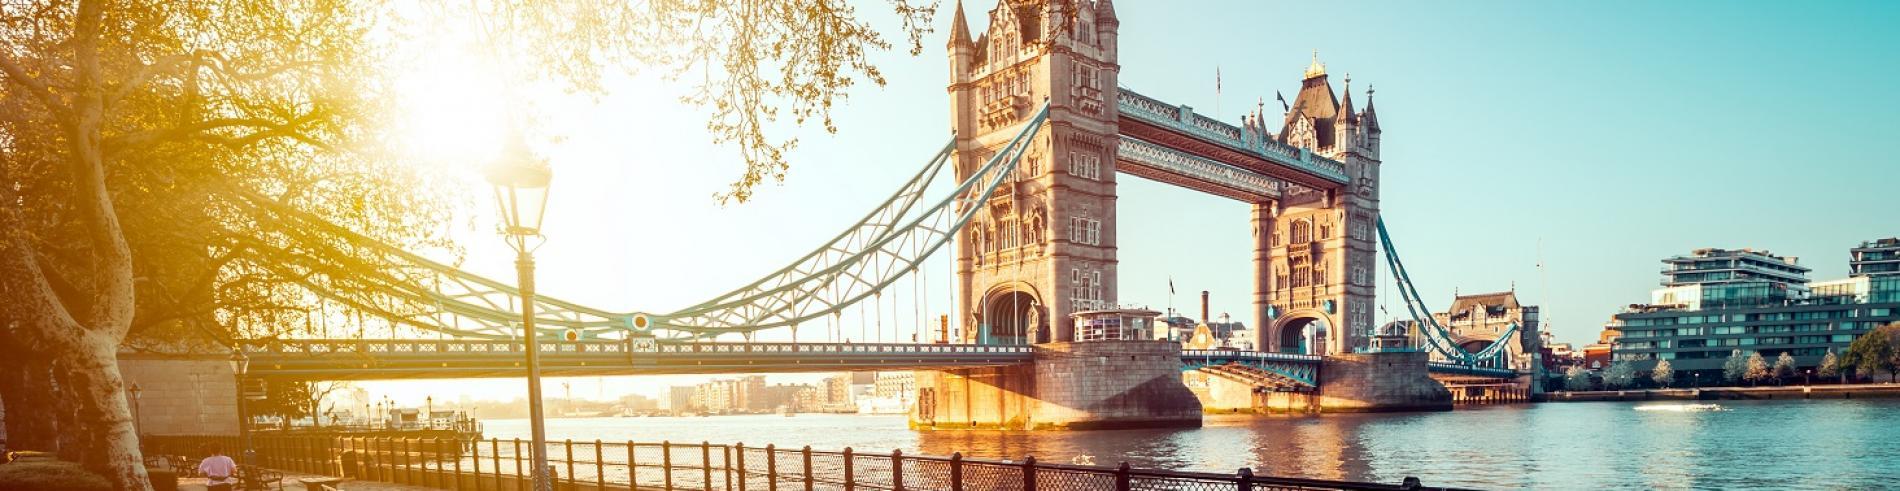 Tower Bridge on a summer's evening